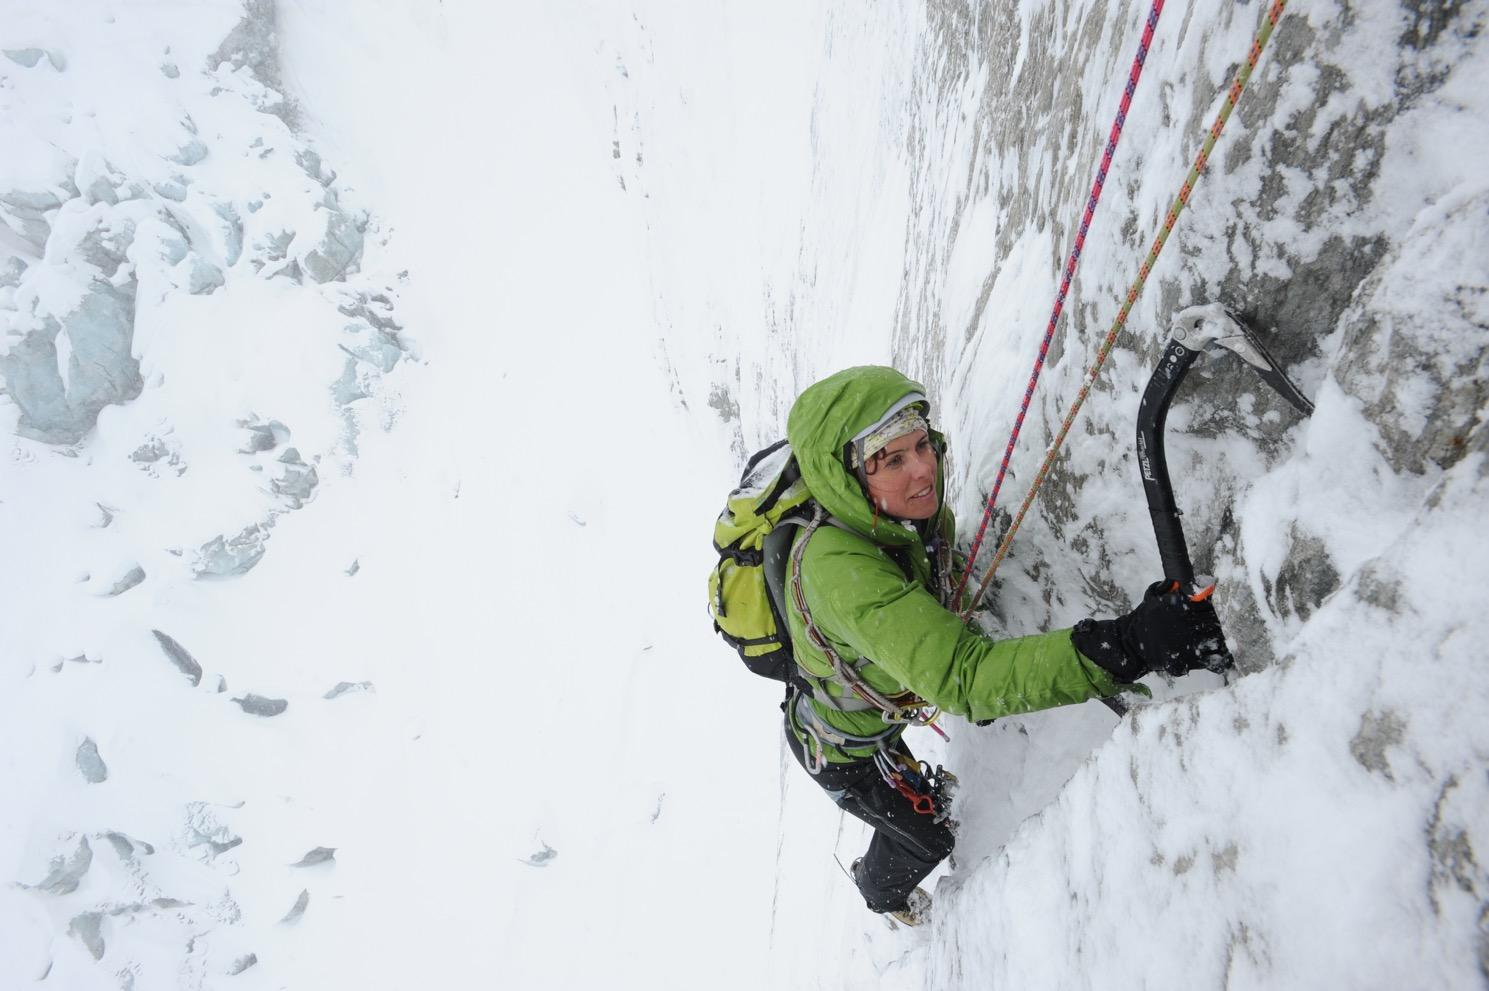 Alpinisme inscrit à l'UNESCO - une alpiniste en action